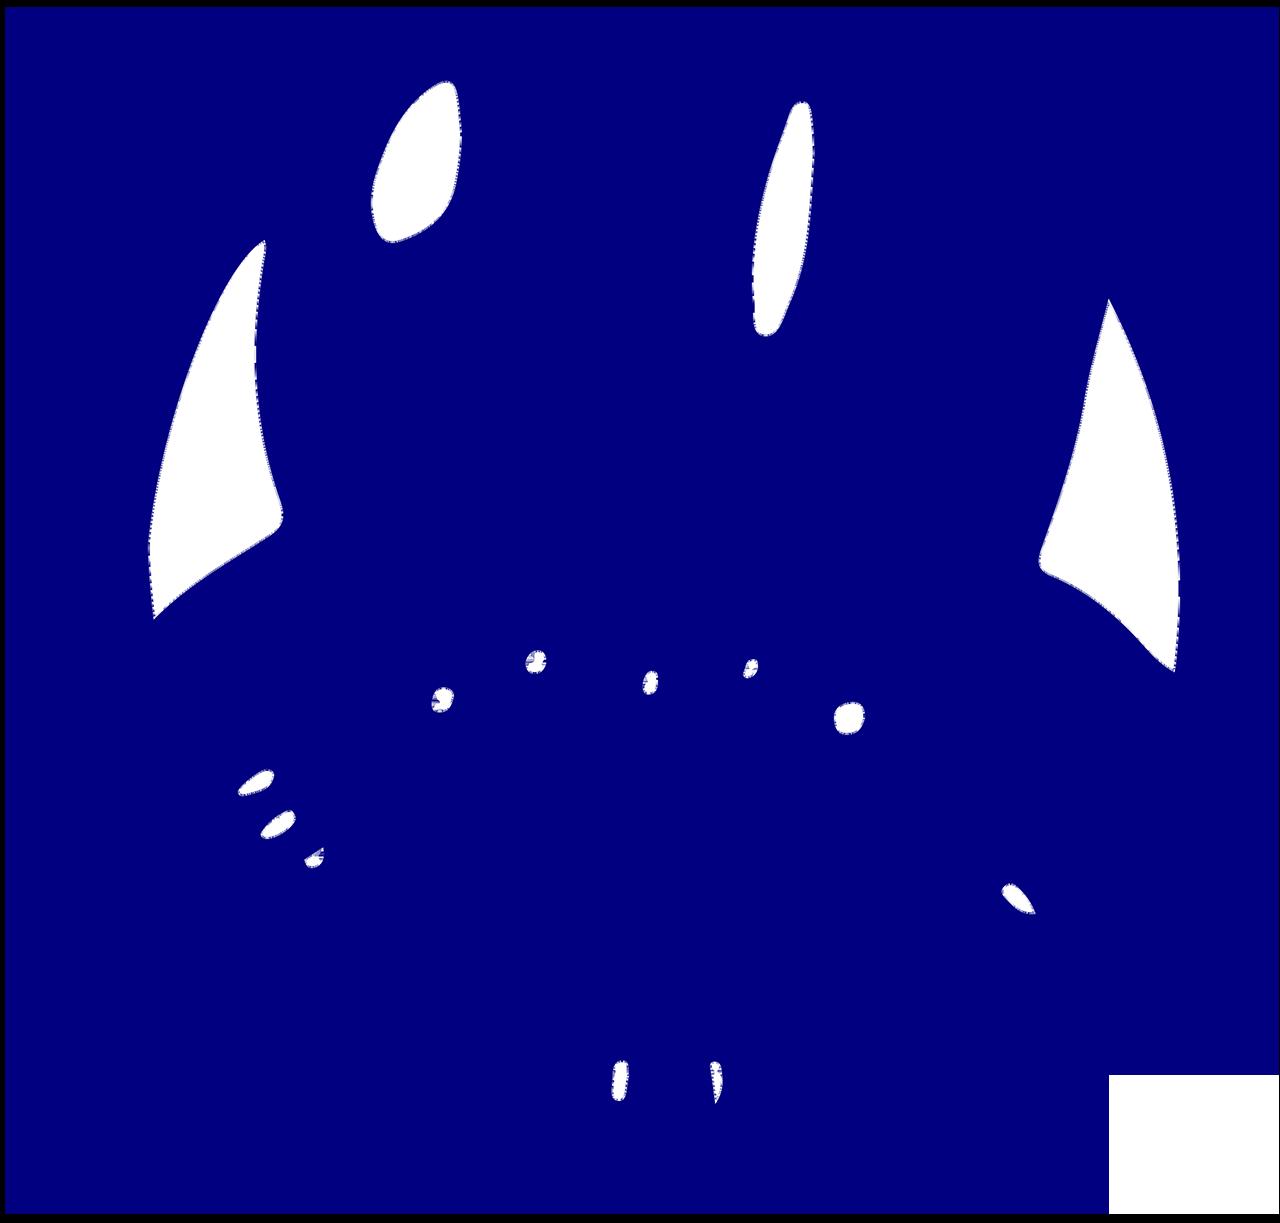 Cooperativa Sociale Armonia Onlus